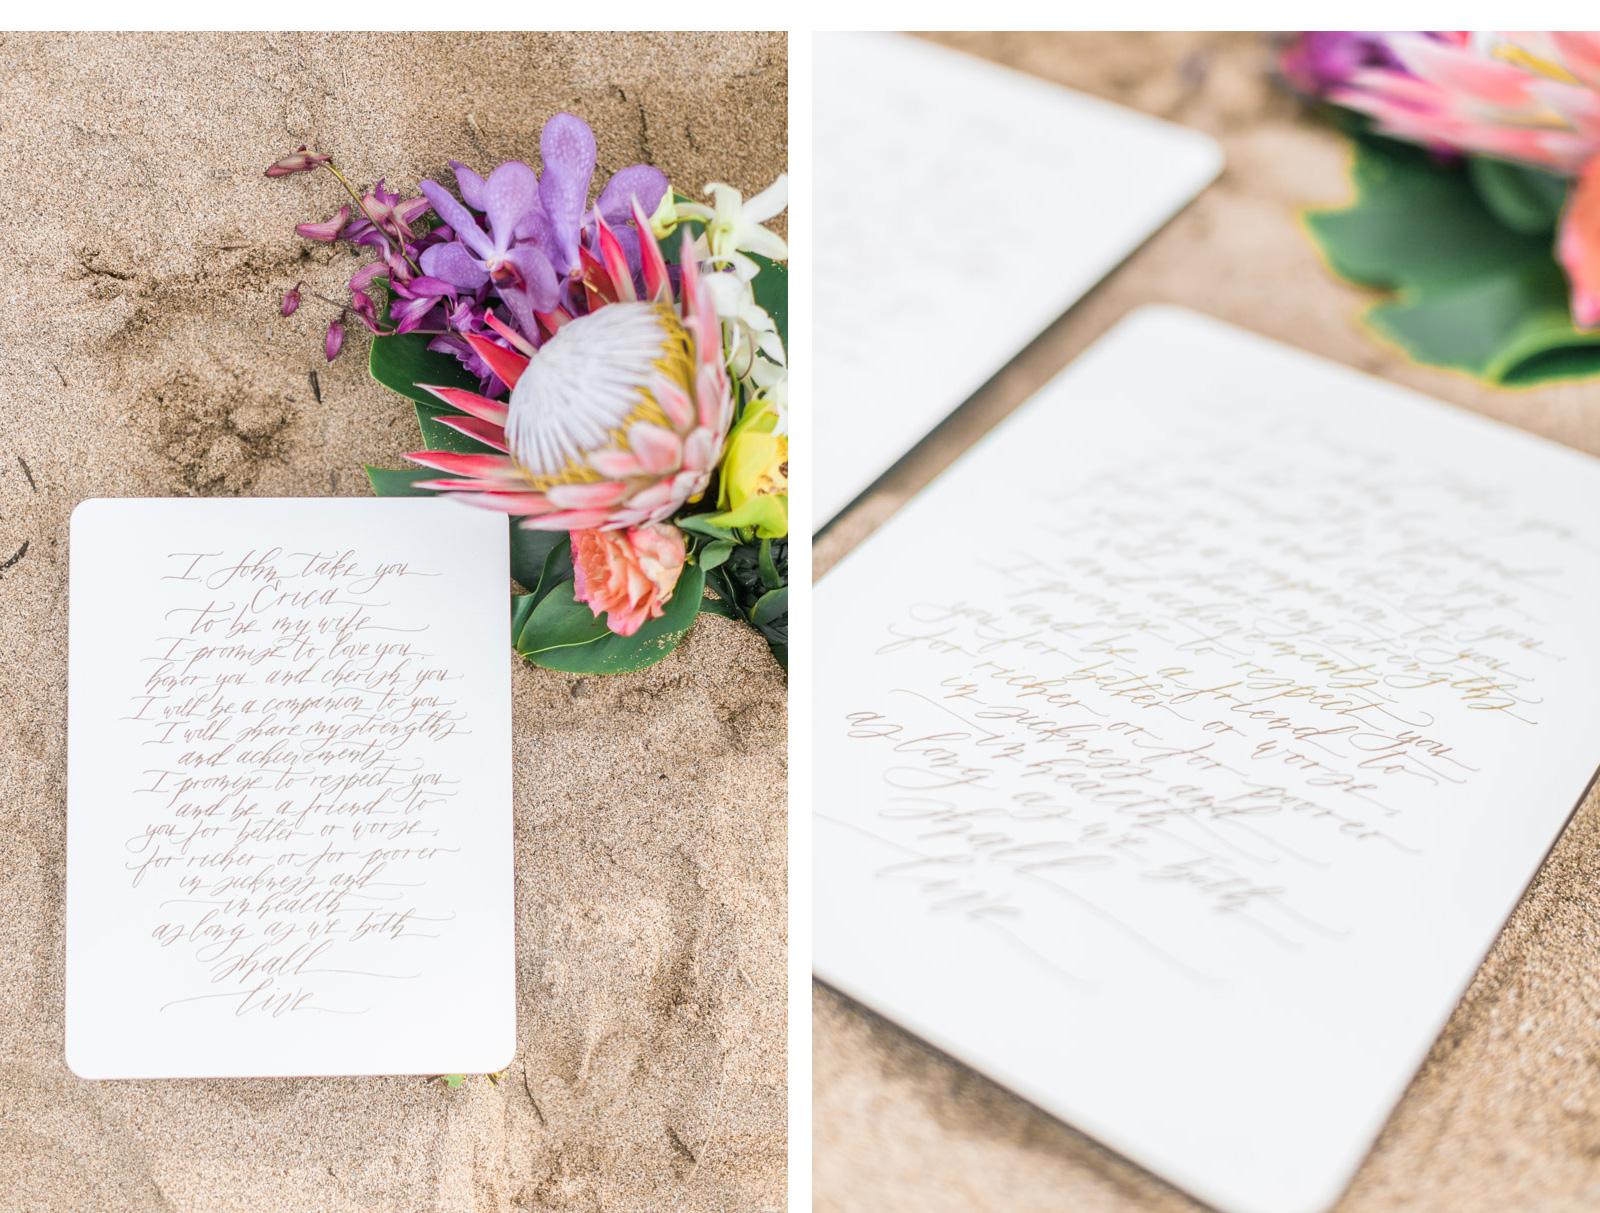 Natalie-Schutt-Photography--Hawaii-Wedding-Photographer_07.jpg